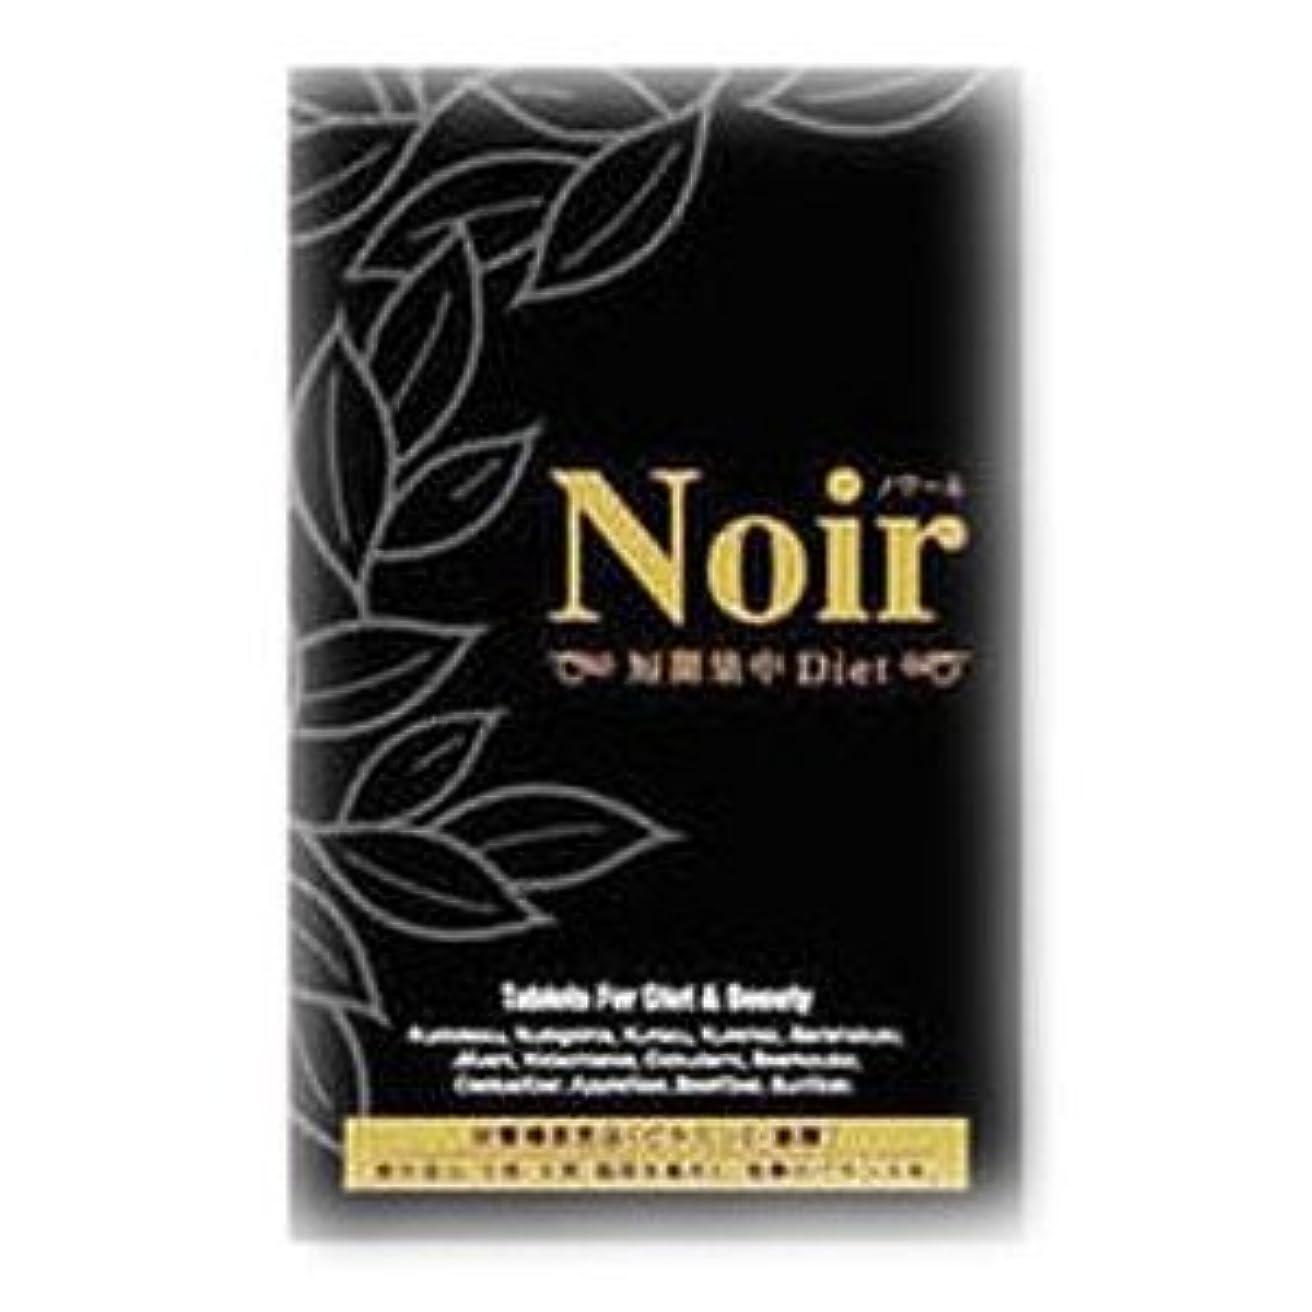 圧倒的自由生き残りノワール (Noir)×2箱セット  短期集中 Diet 粒タイプ